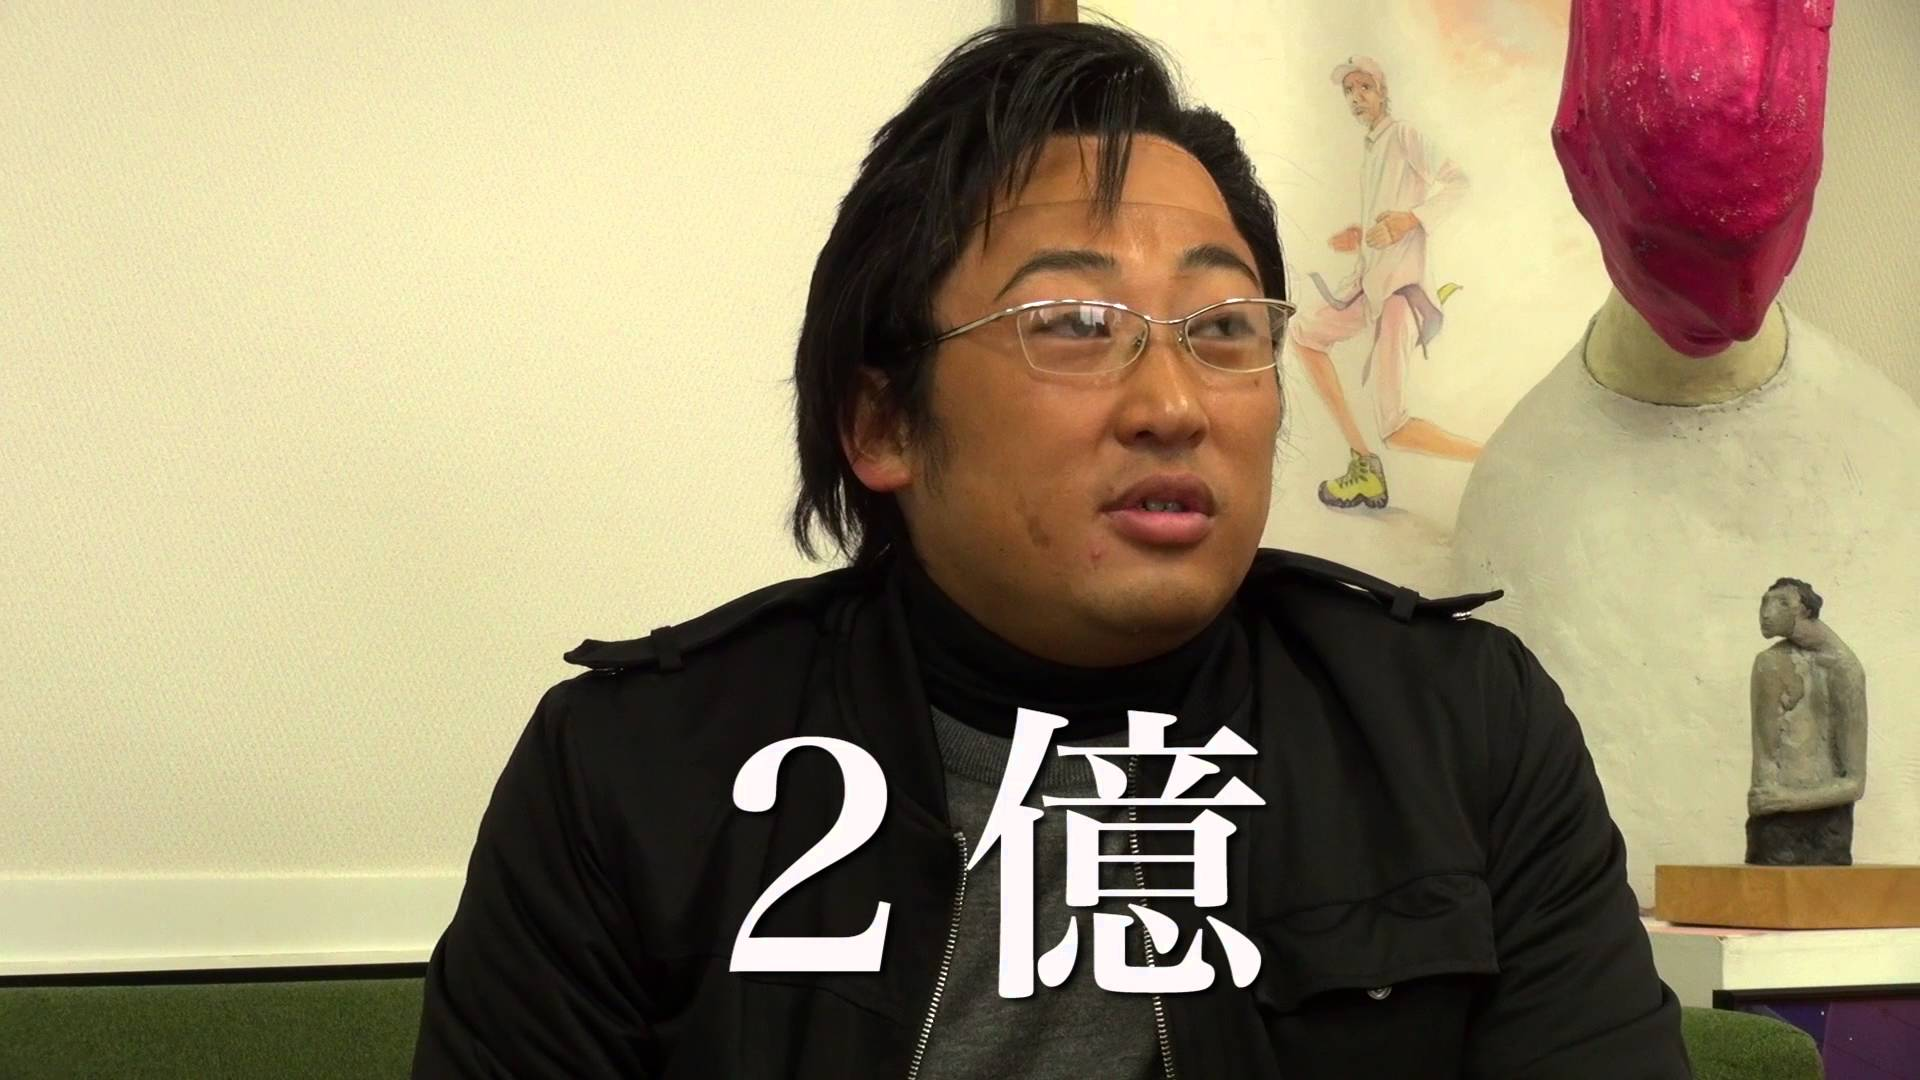 ロバート秋山シリーズ「プロスカウトマン・荒井裕次郎」の動画